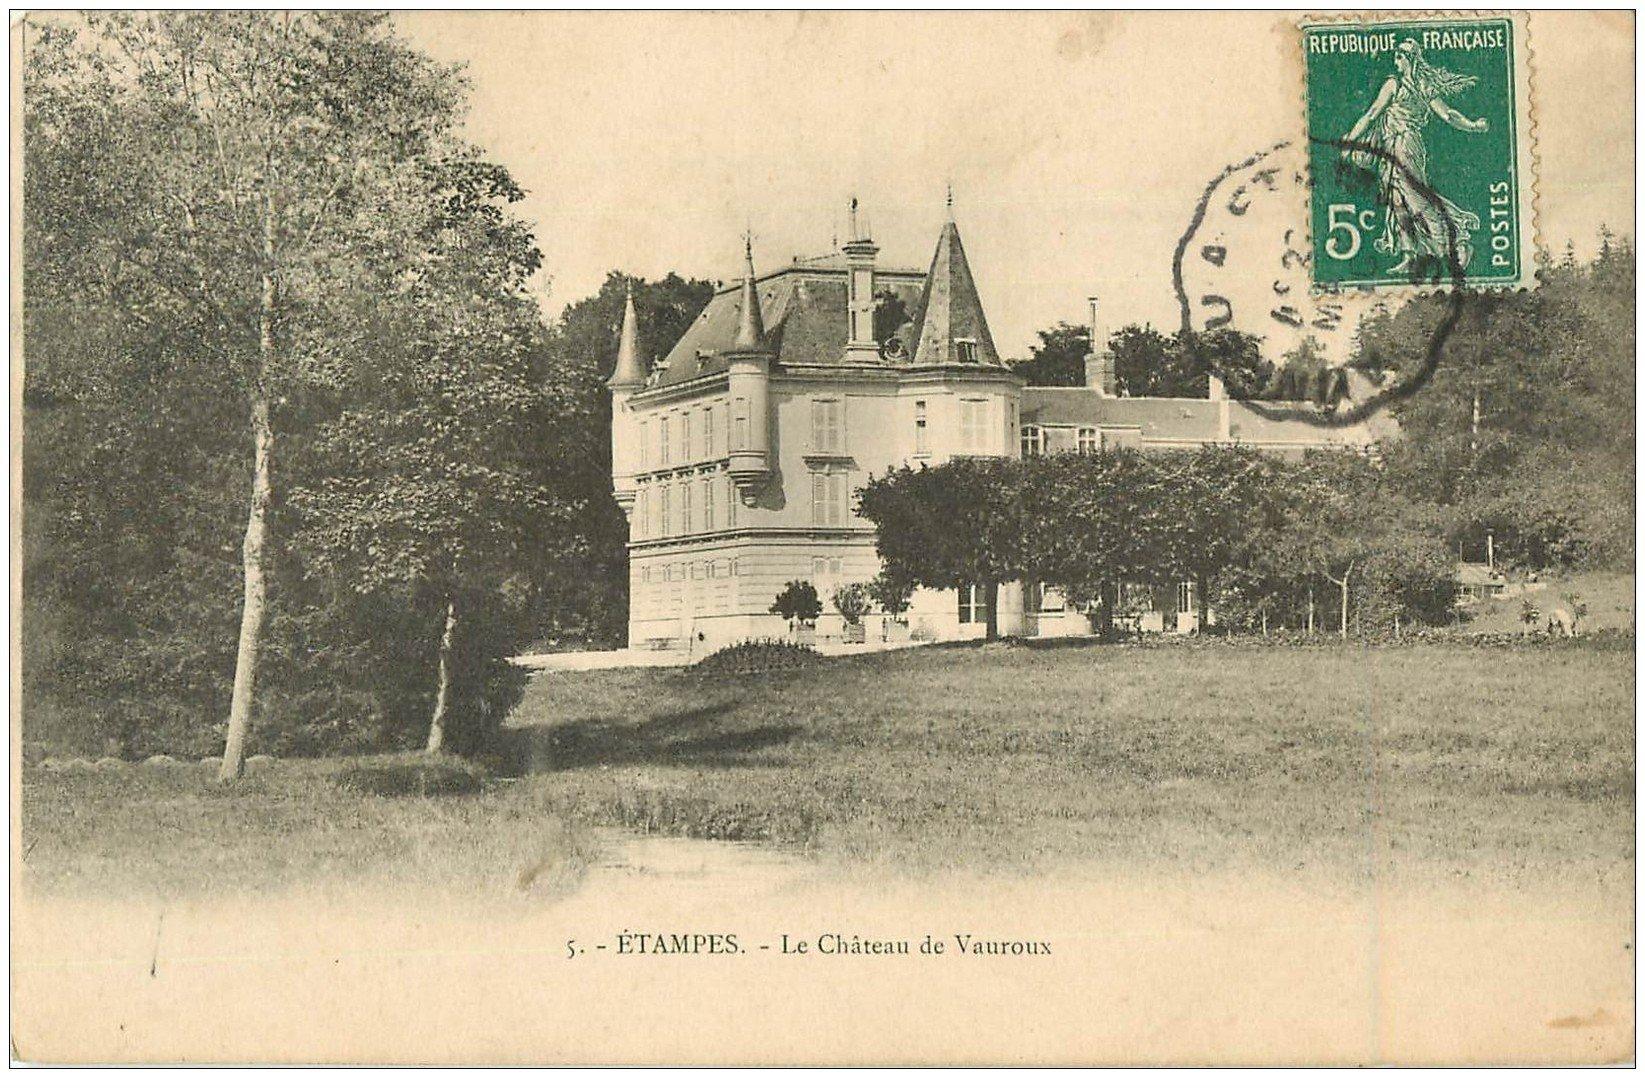 91 etampes le ch teau de vauroux 1910 for Chateau etampes